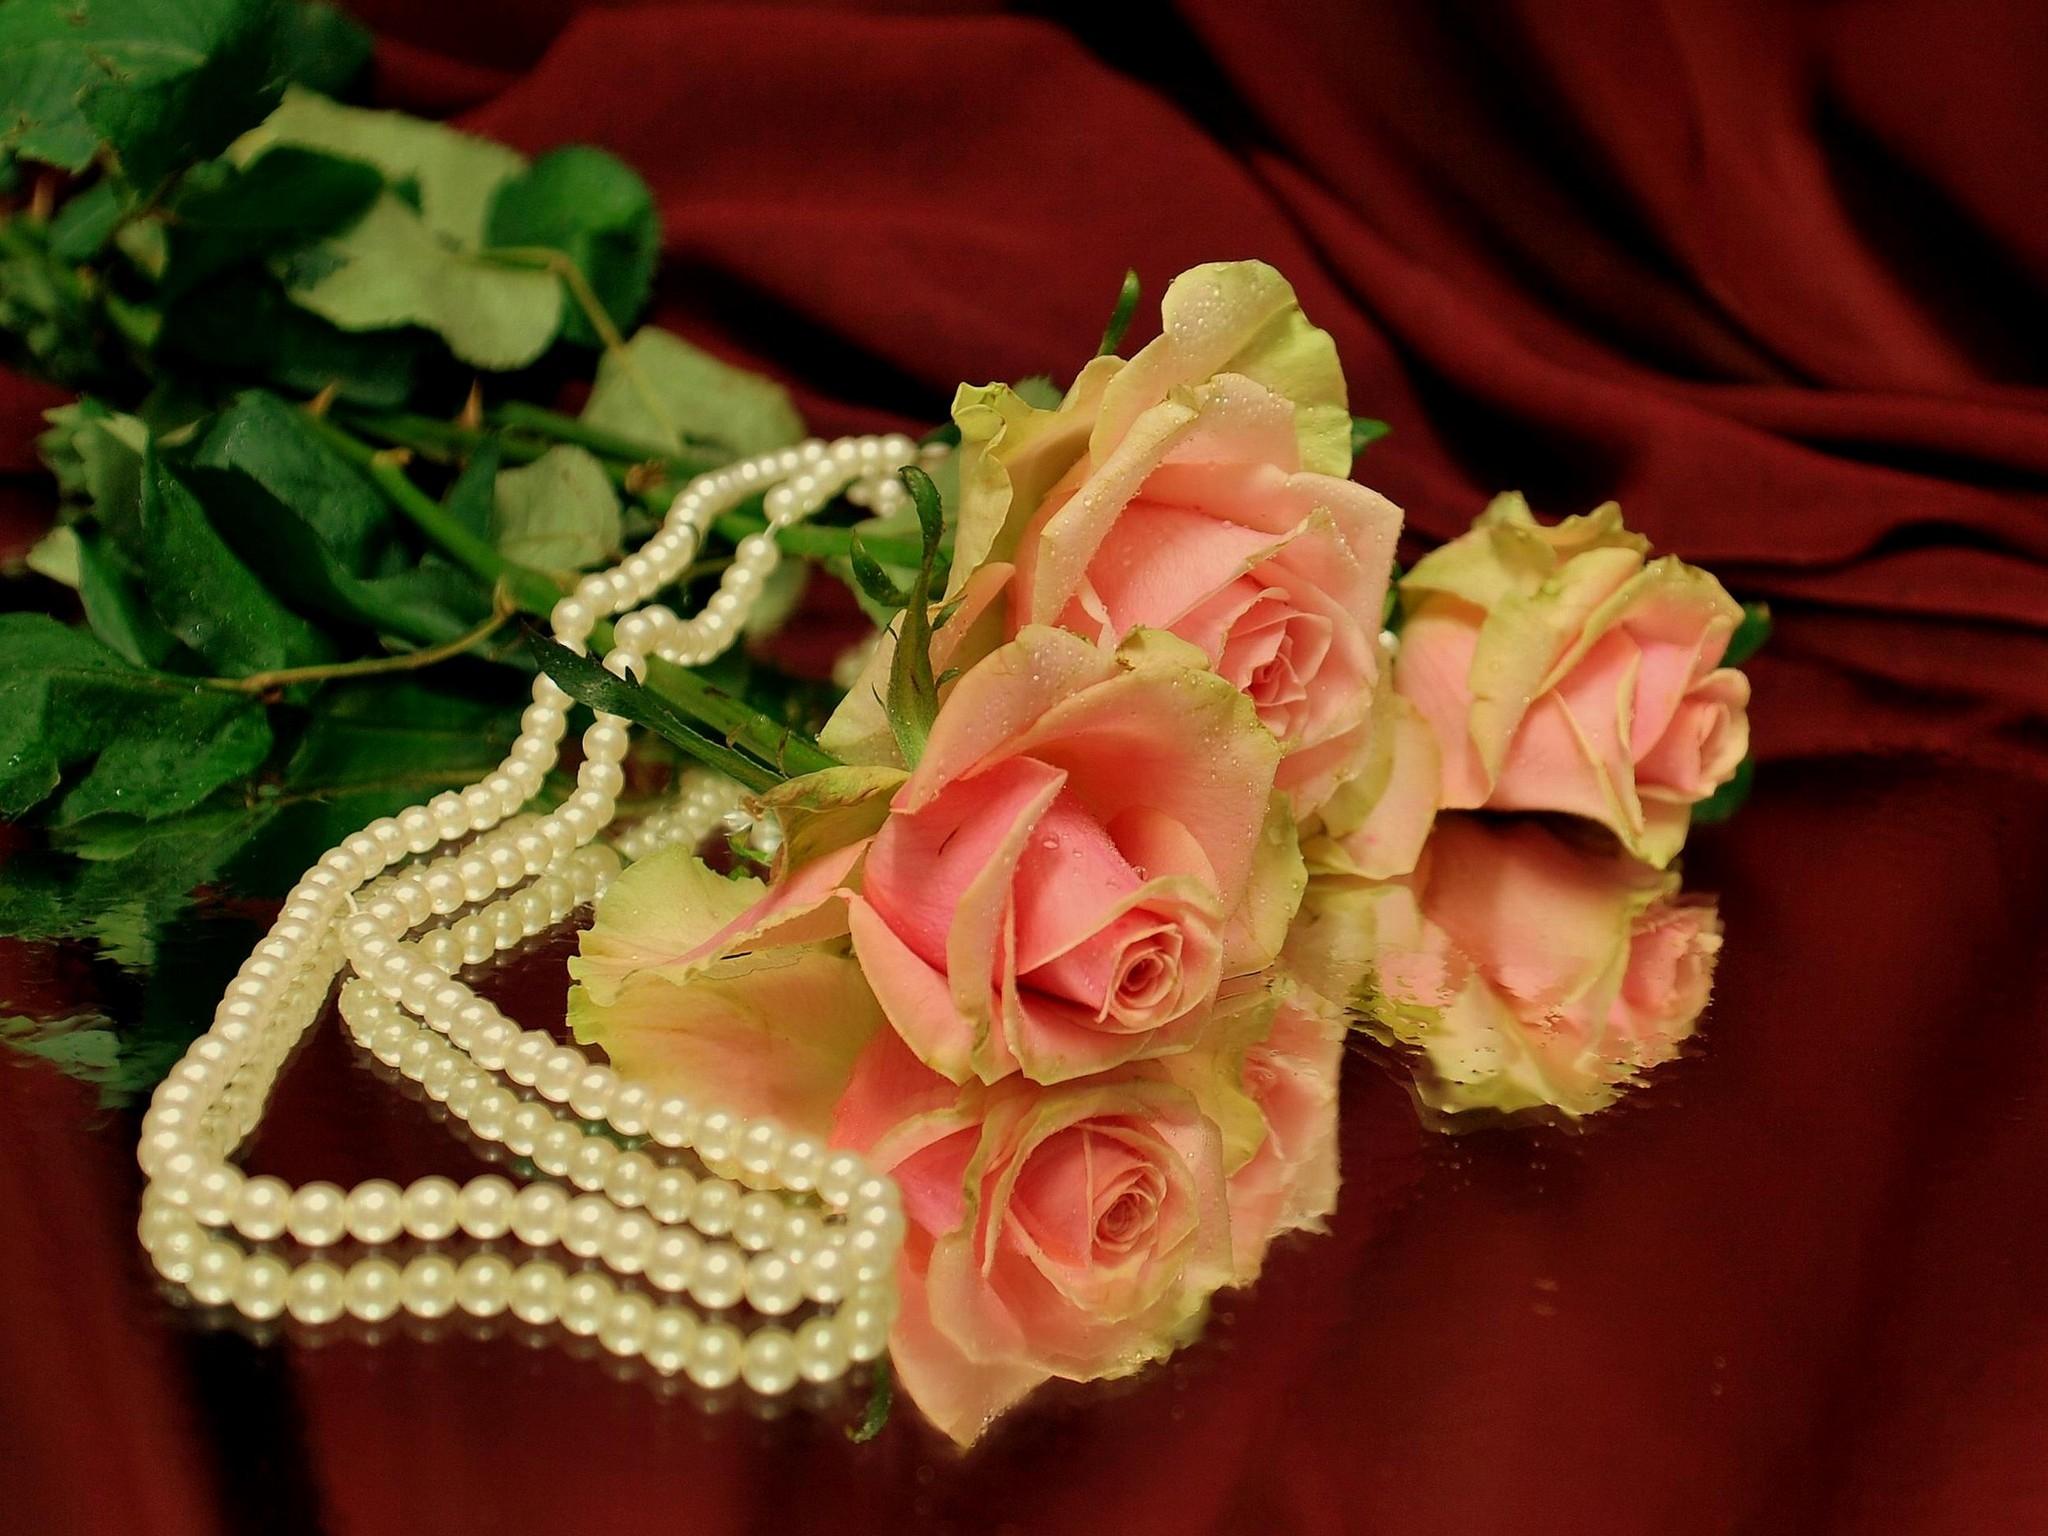 картинки на телефон жемчуг и цветы голавль